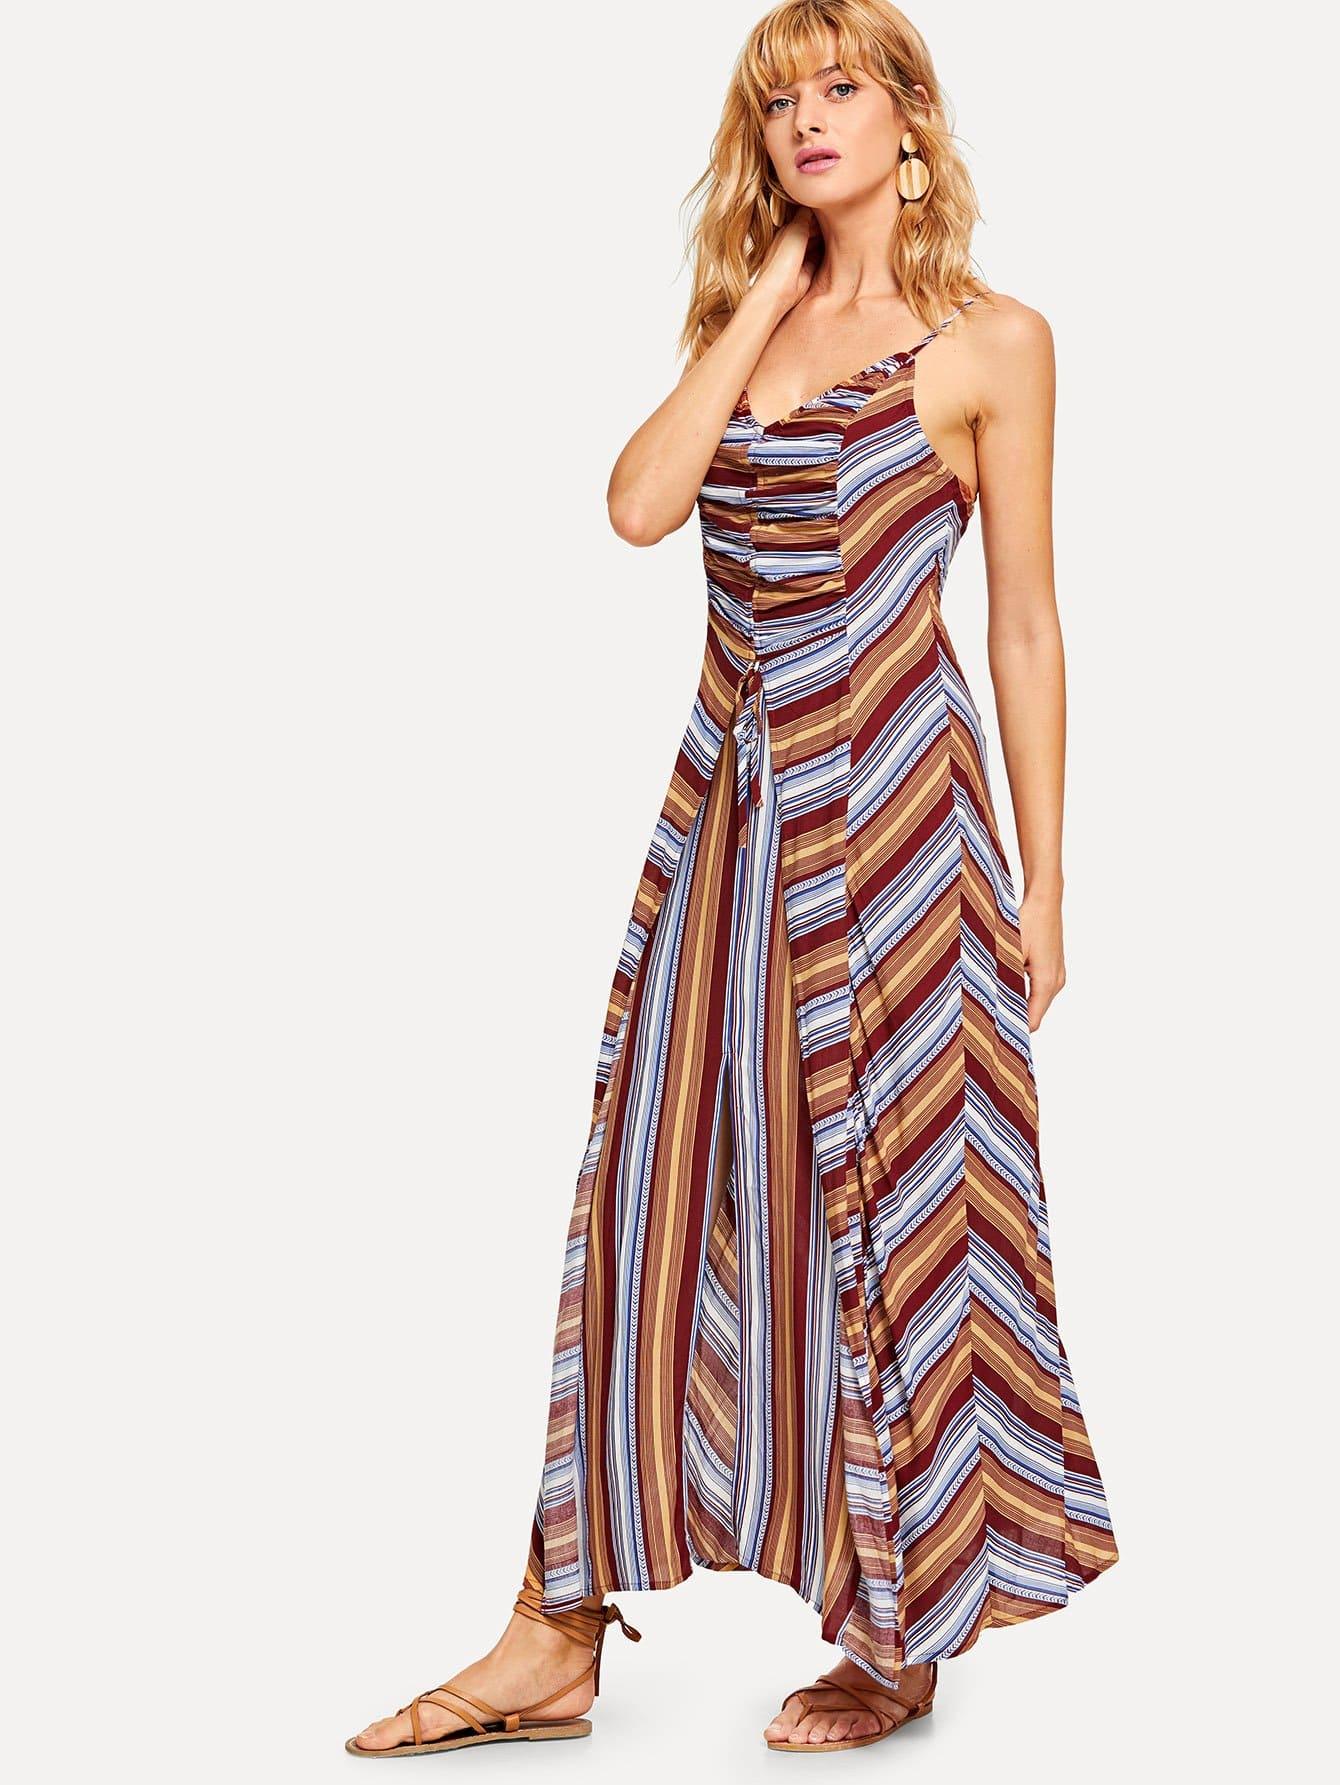 Купить Платье с полосками и шнурком, Masha, SheIn